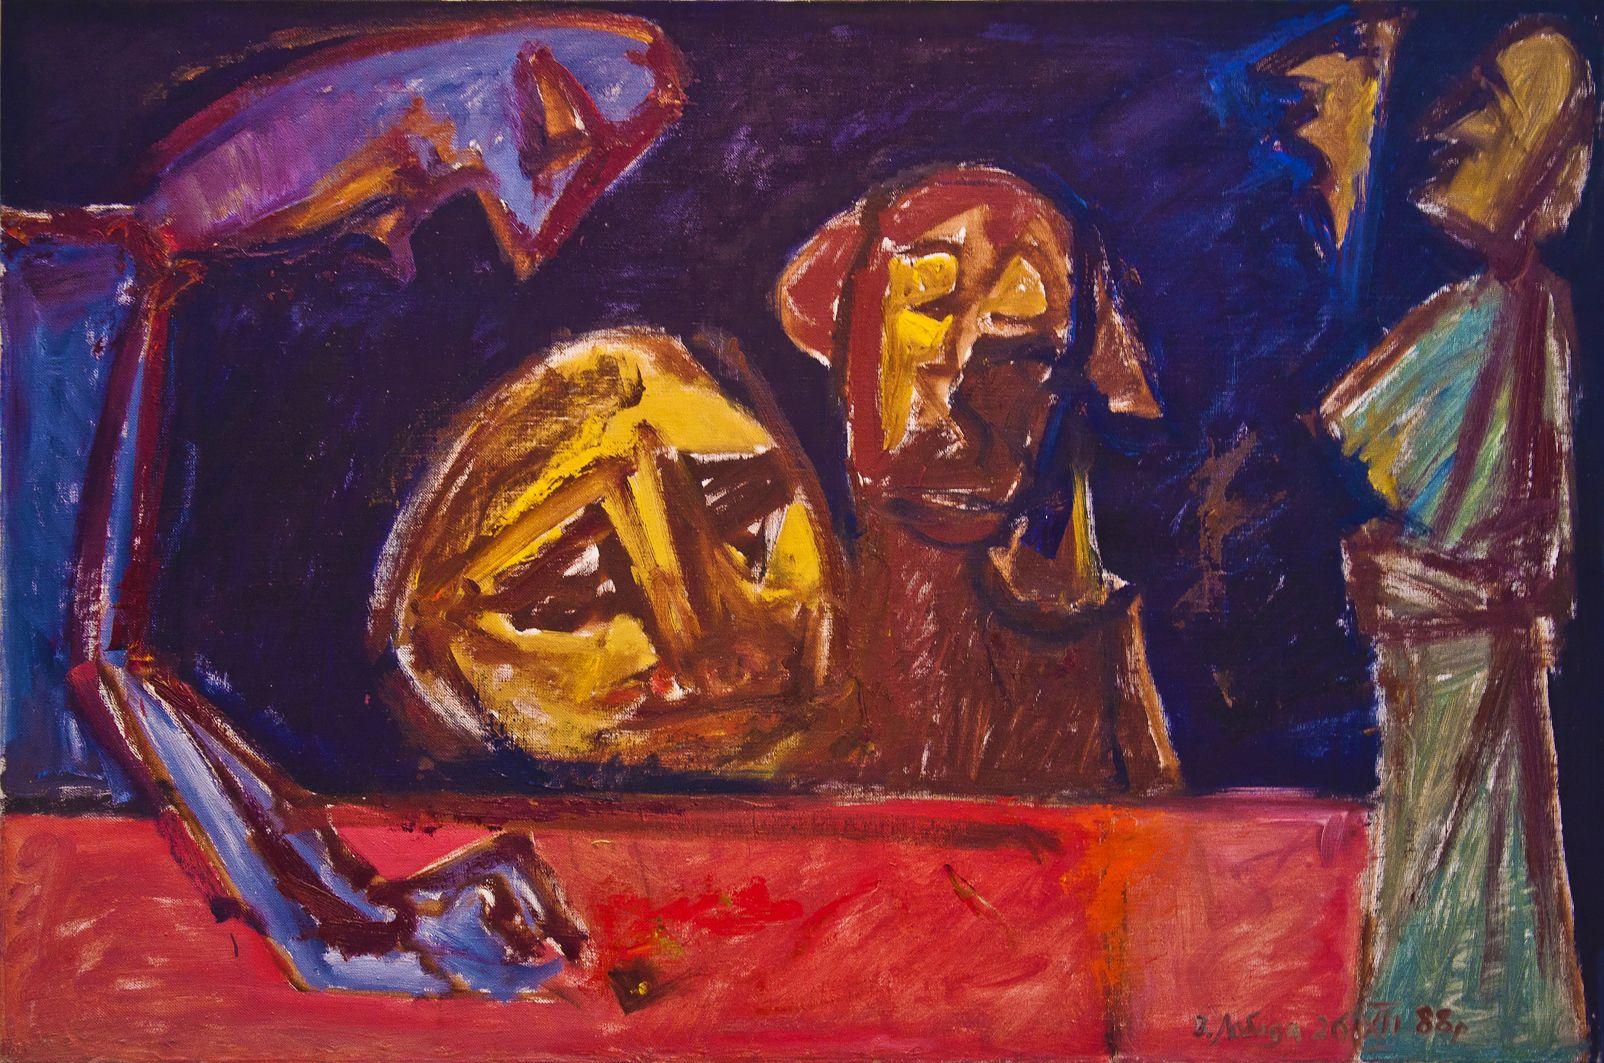 Володимир Лобода. Людська комедія. Ошукання, 1988